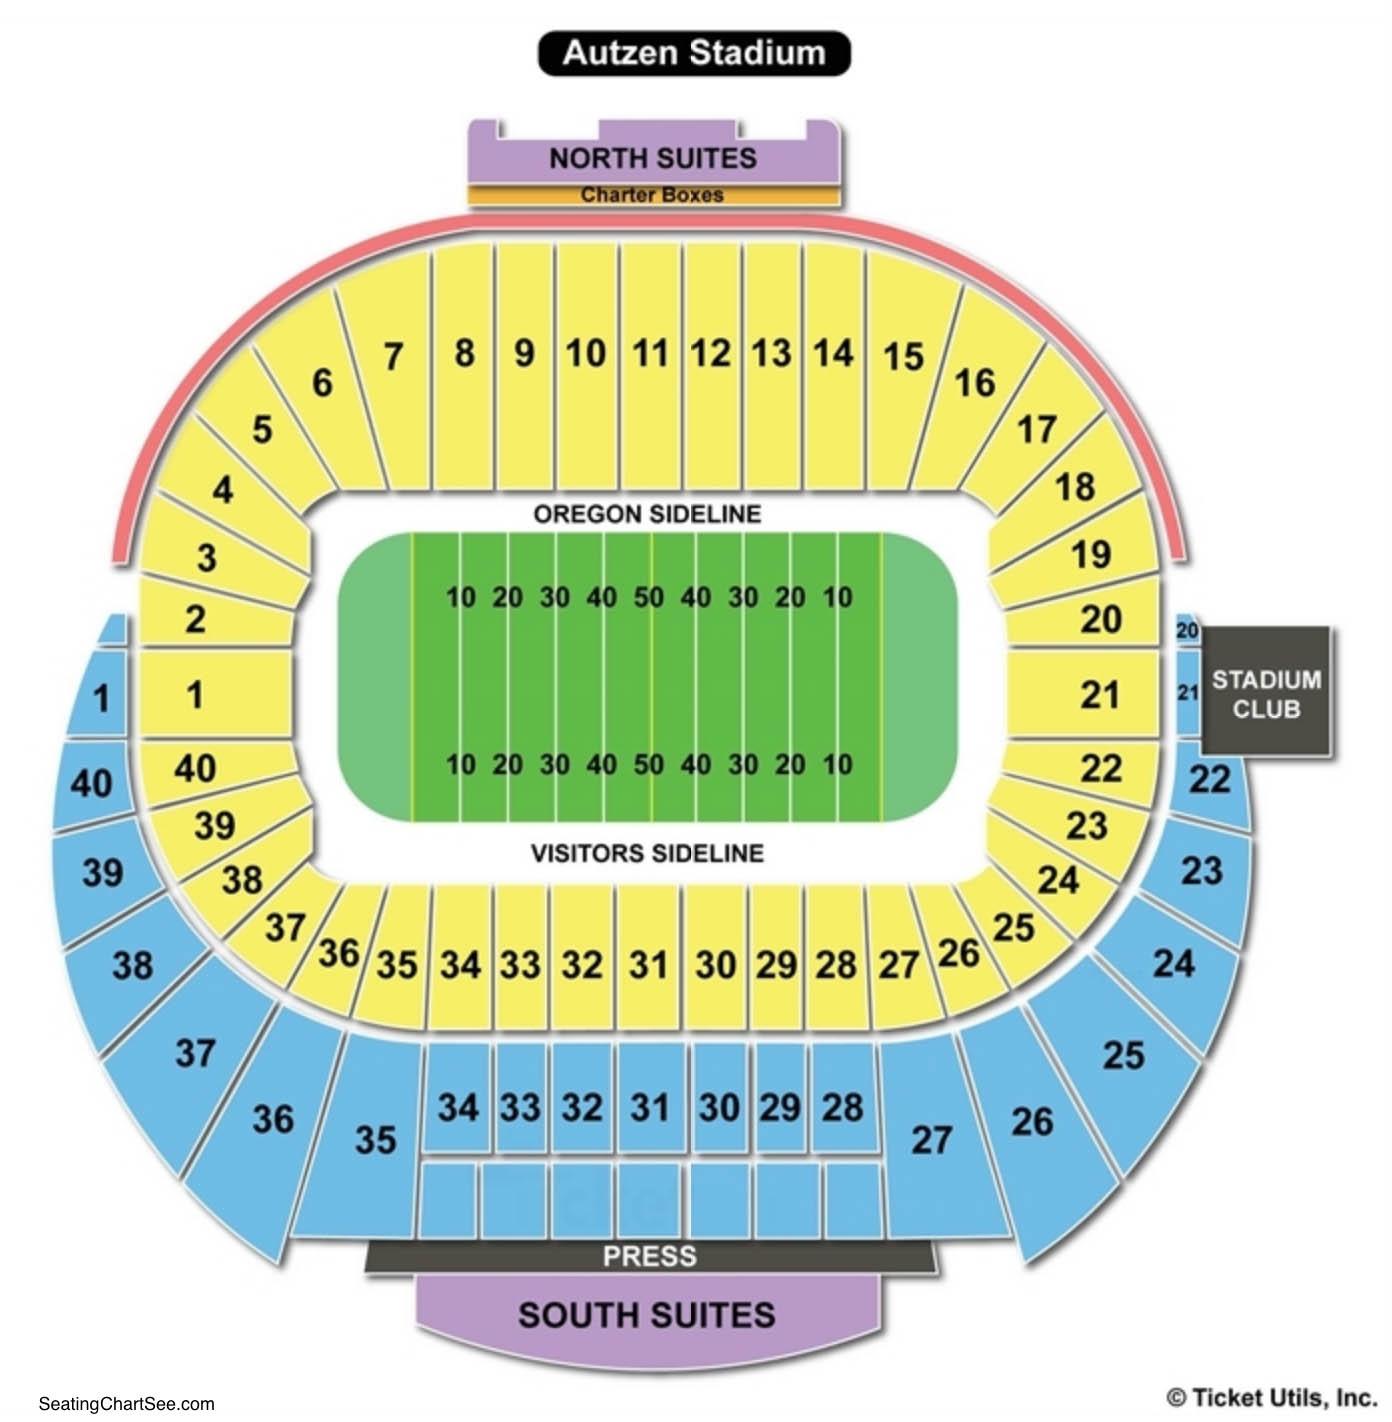 Autzen Stadium Football Seating Chart